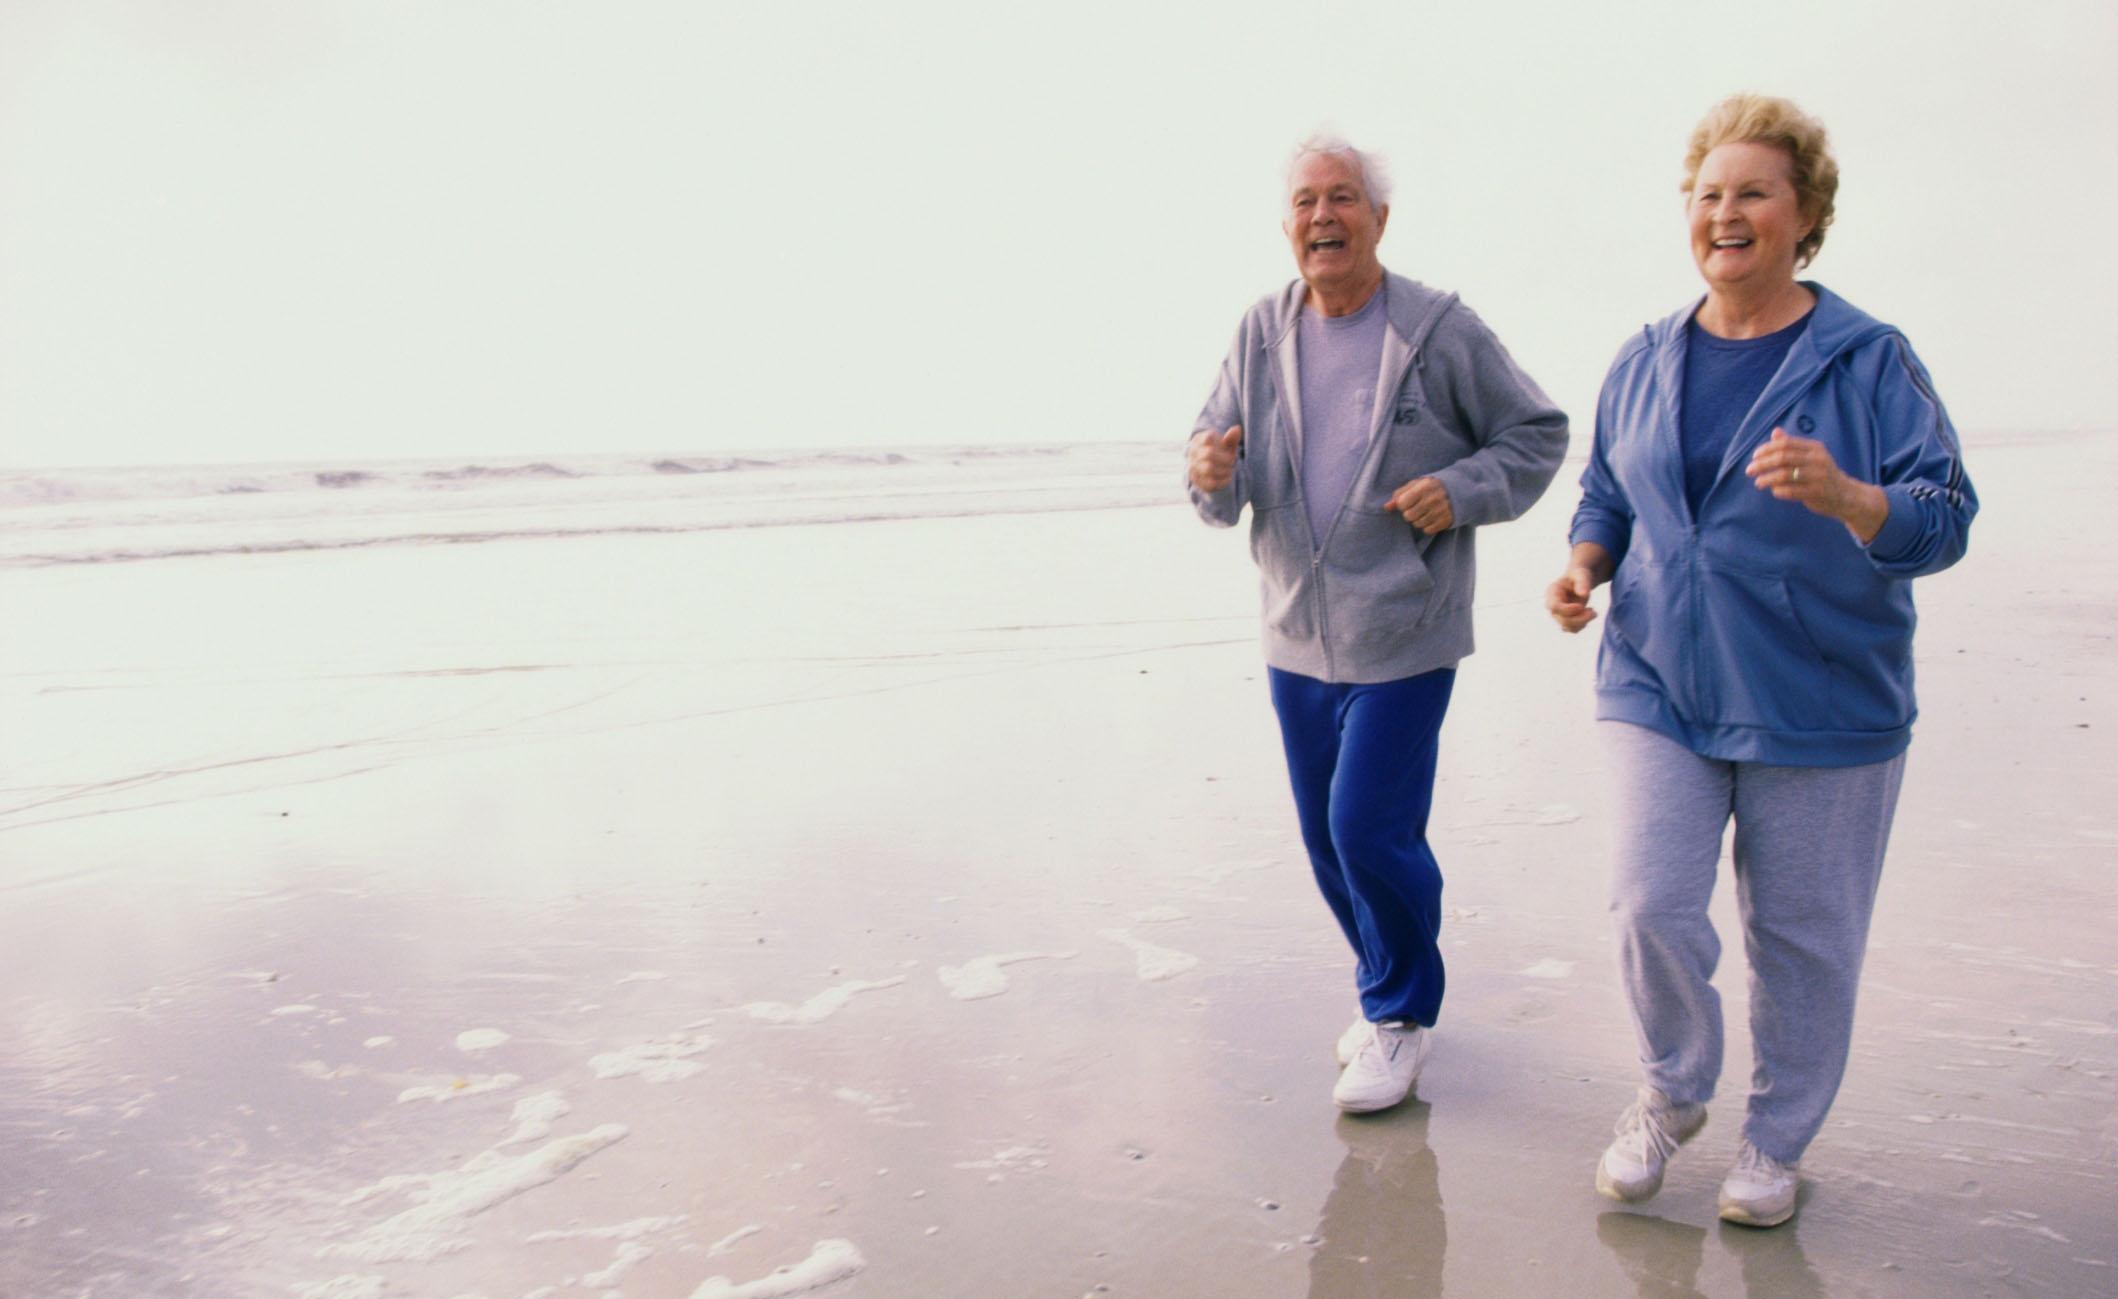 18 segreti per vivere più a lungo